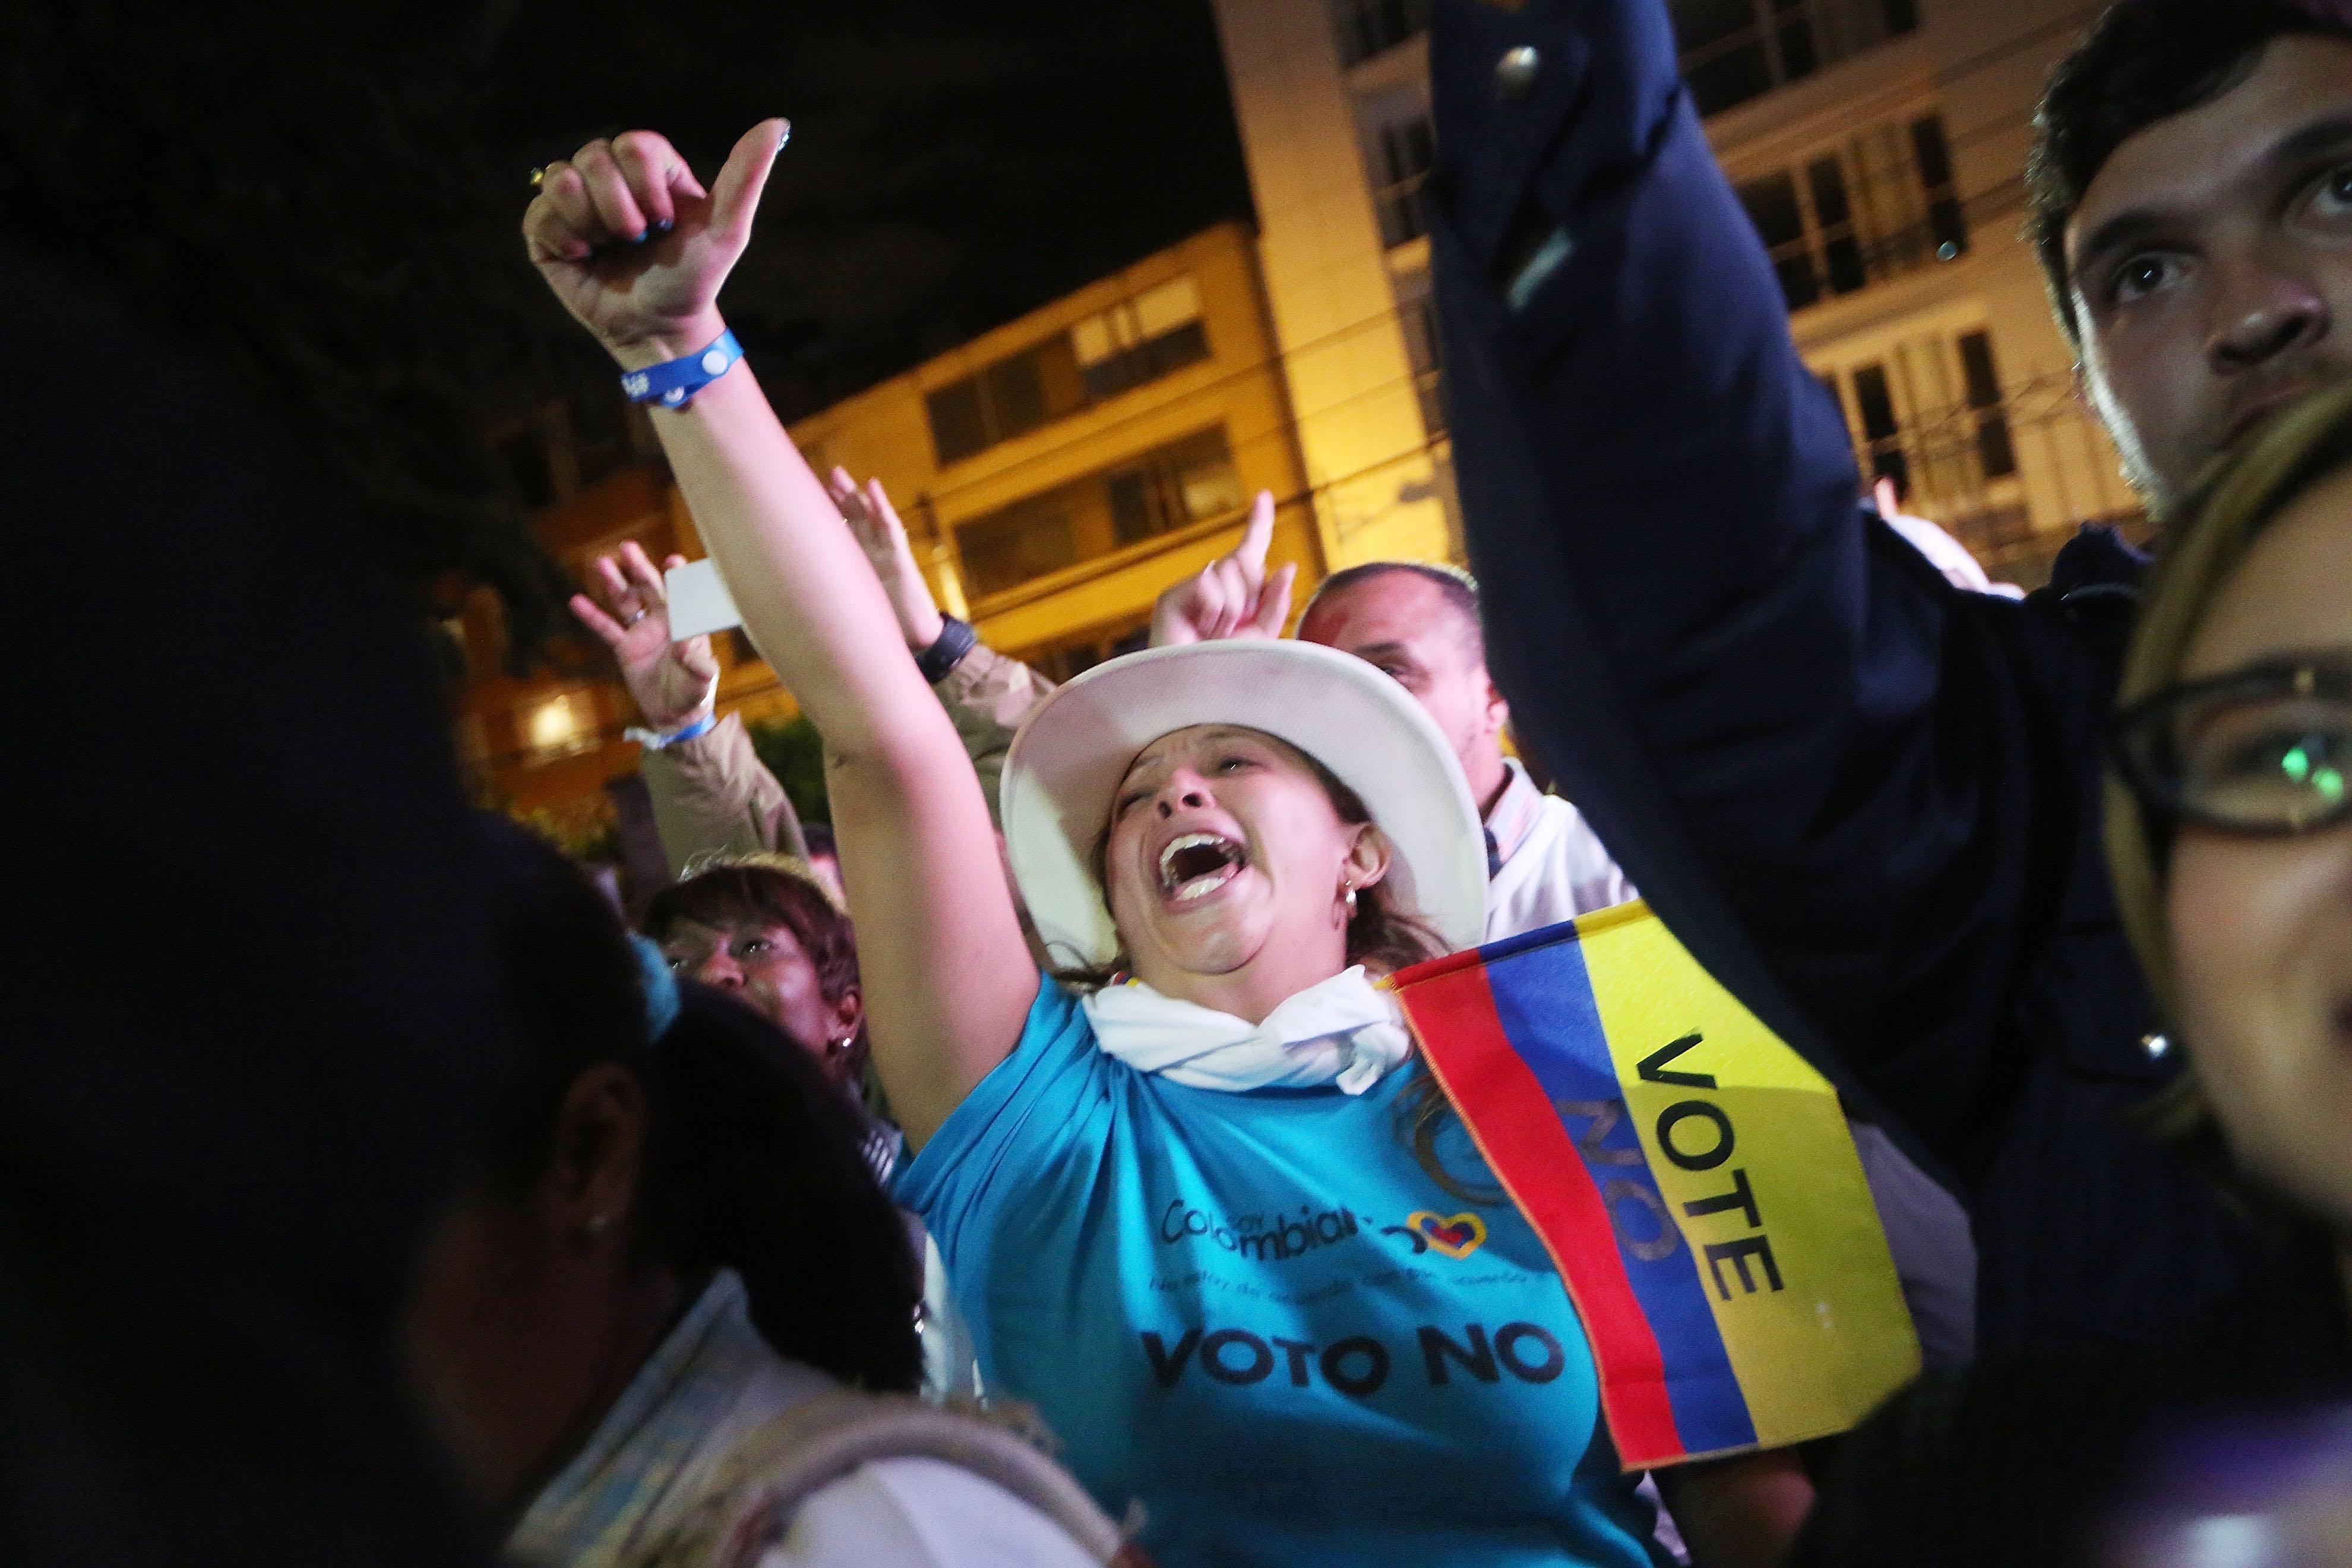 colombia paz voto